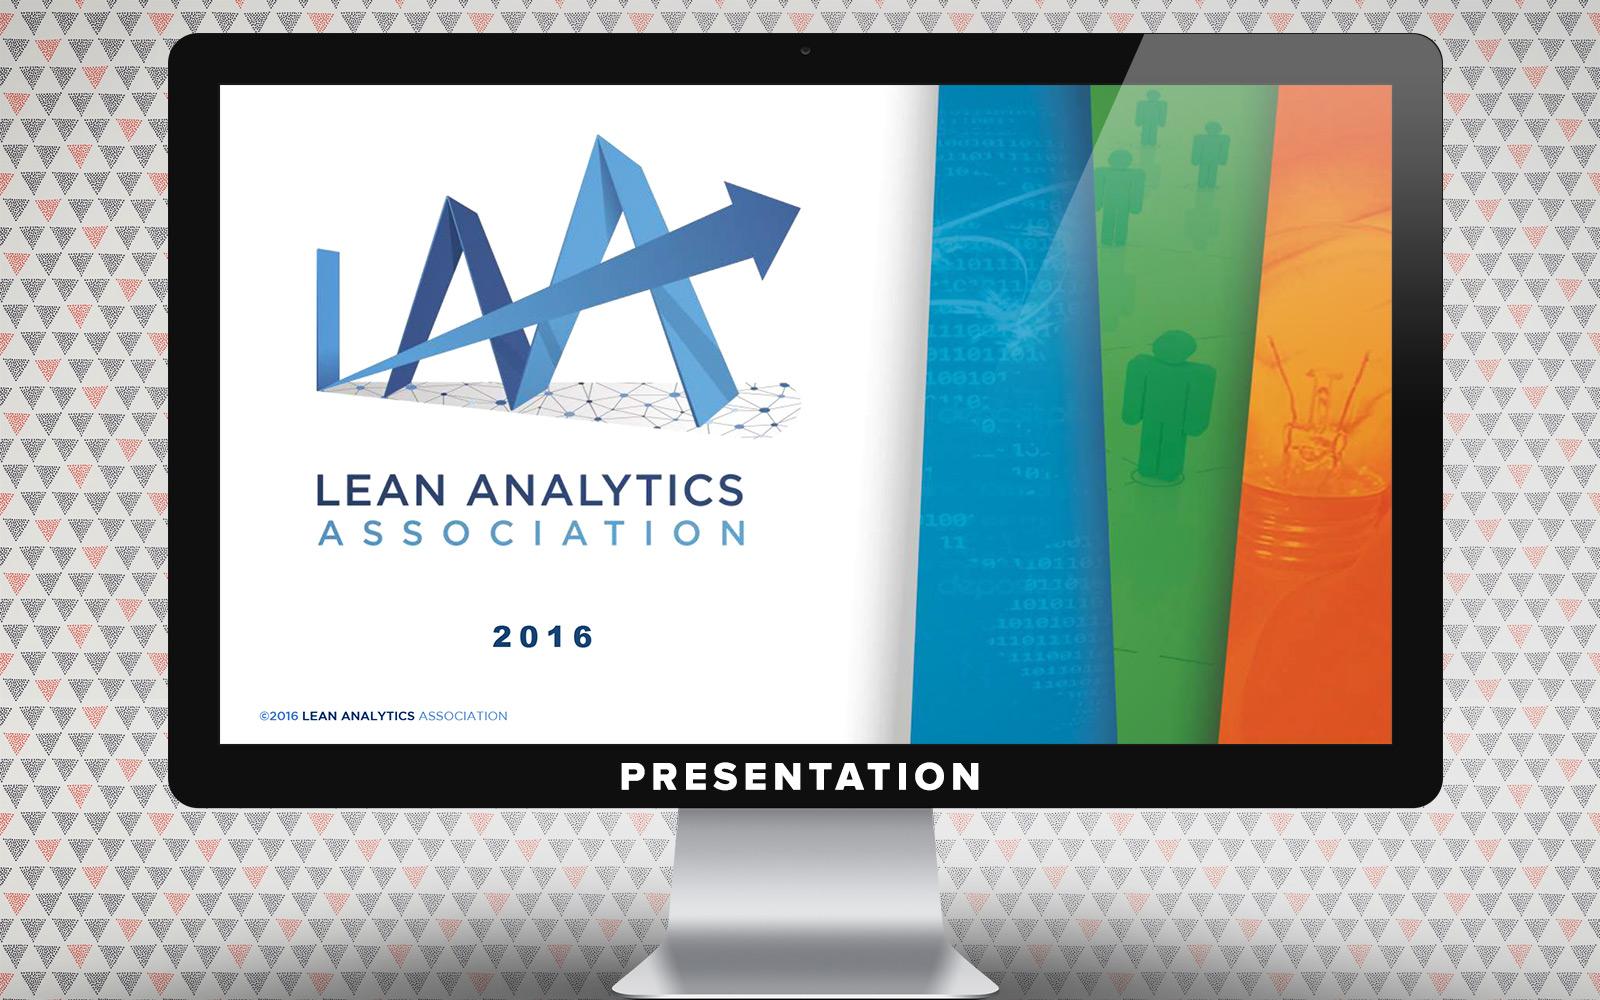 laa-library_laa-presentation